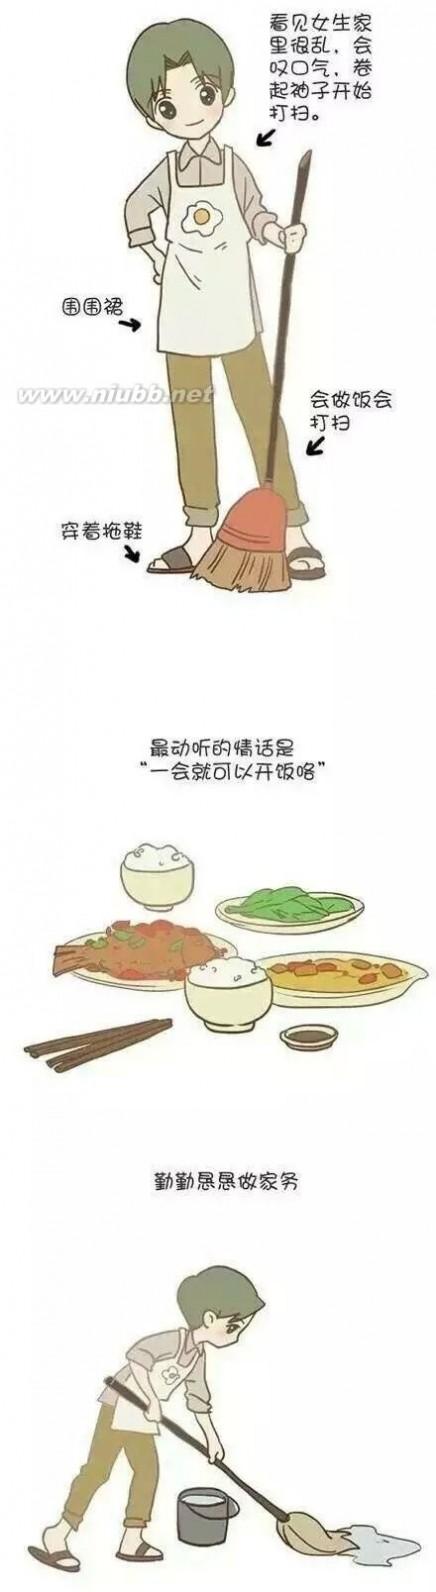 8种男票类型,哪个才是你的菜?_男票